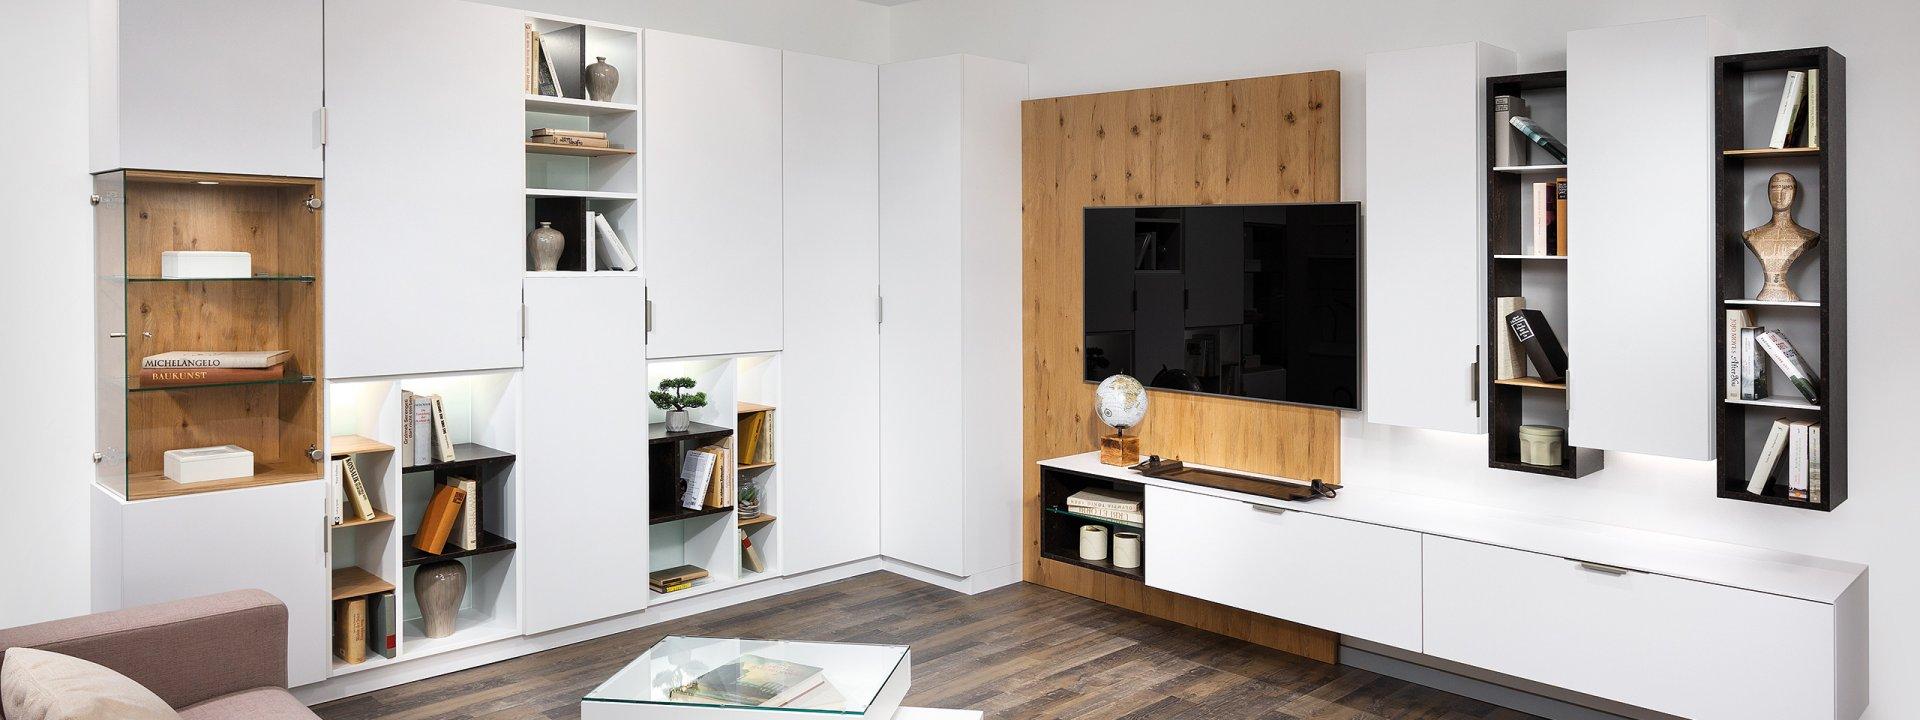 Charmant Unvollendet Küchenschranktüren Zum Verkauf Zeitgenössisch ...